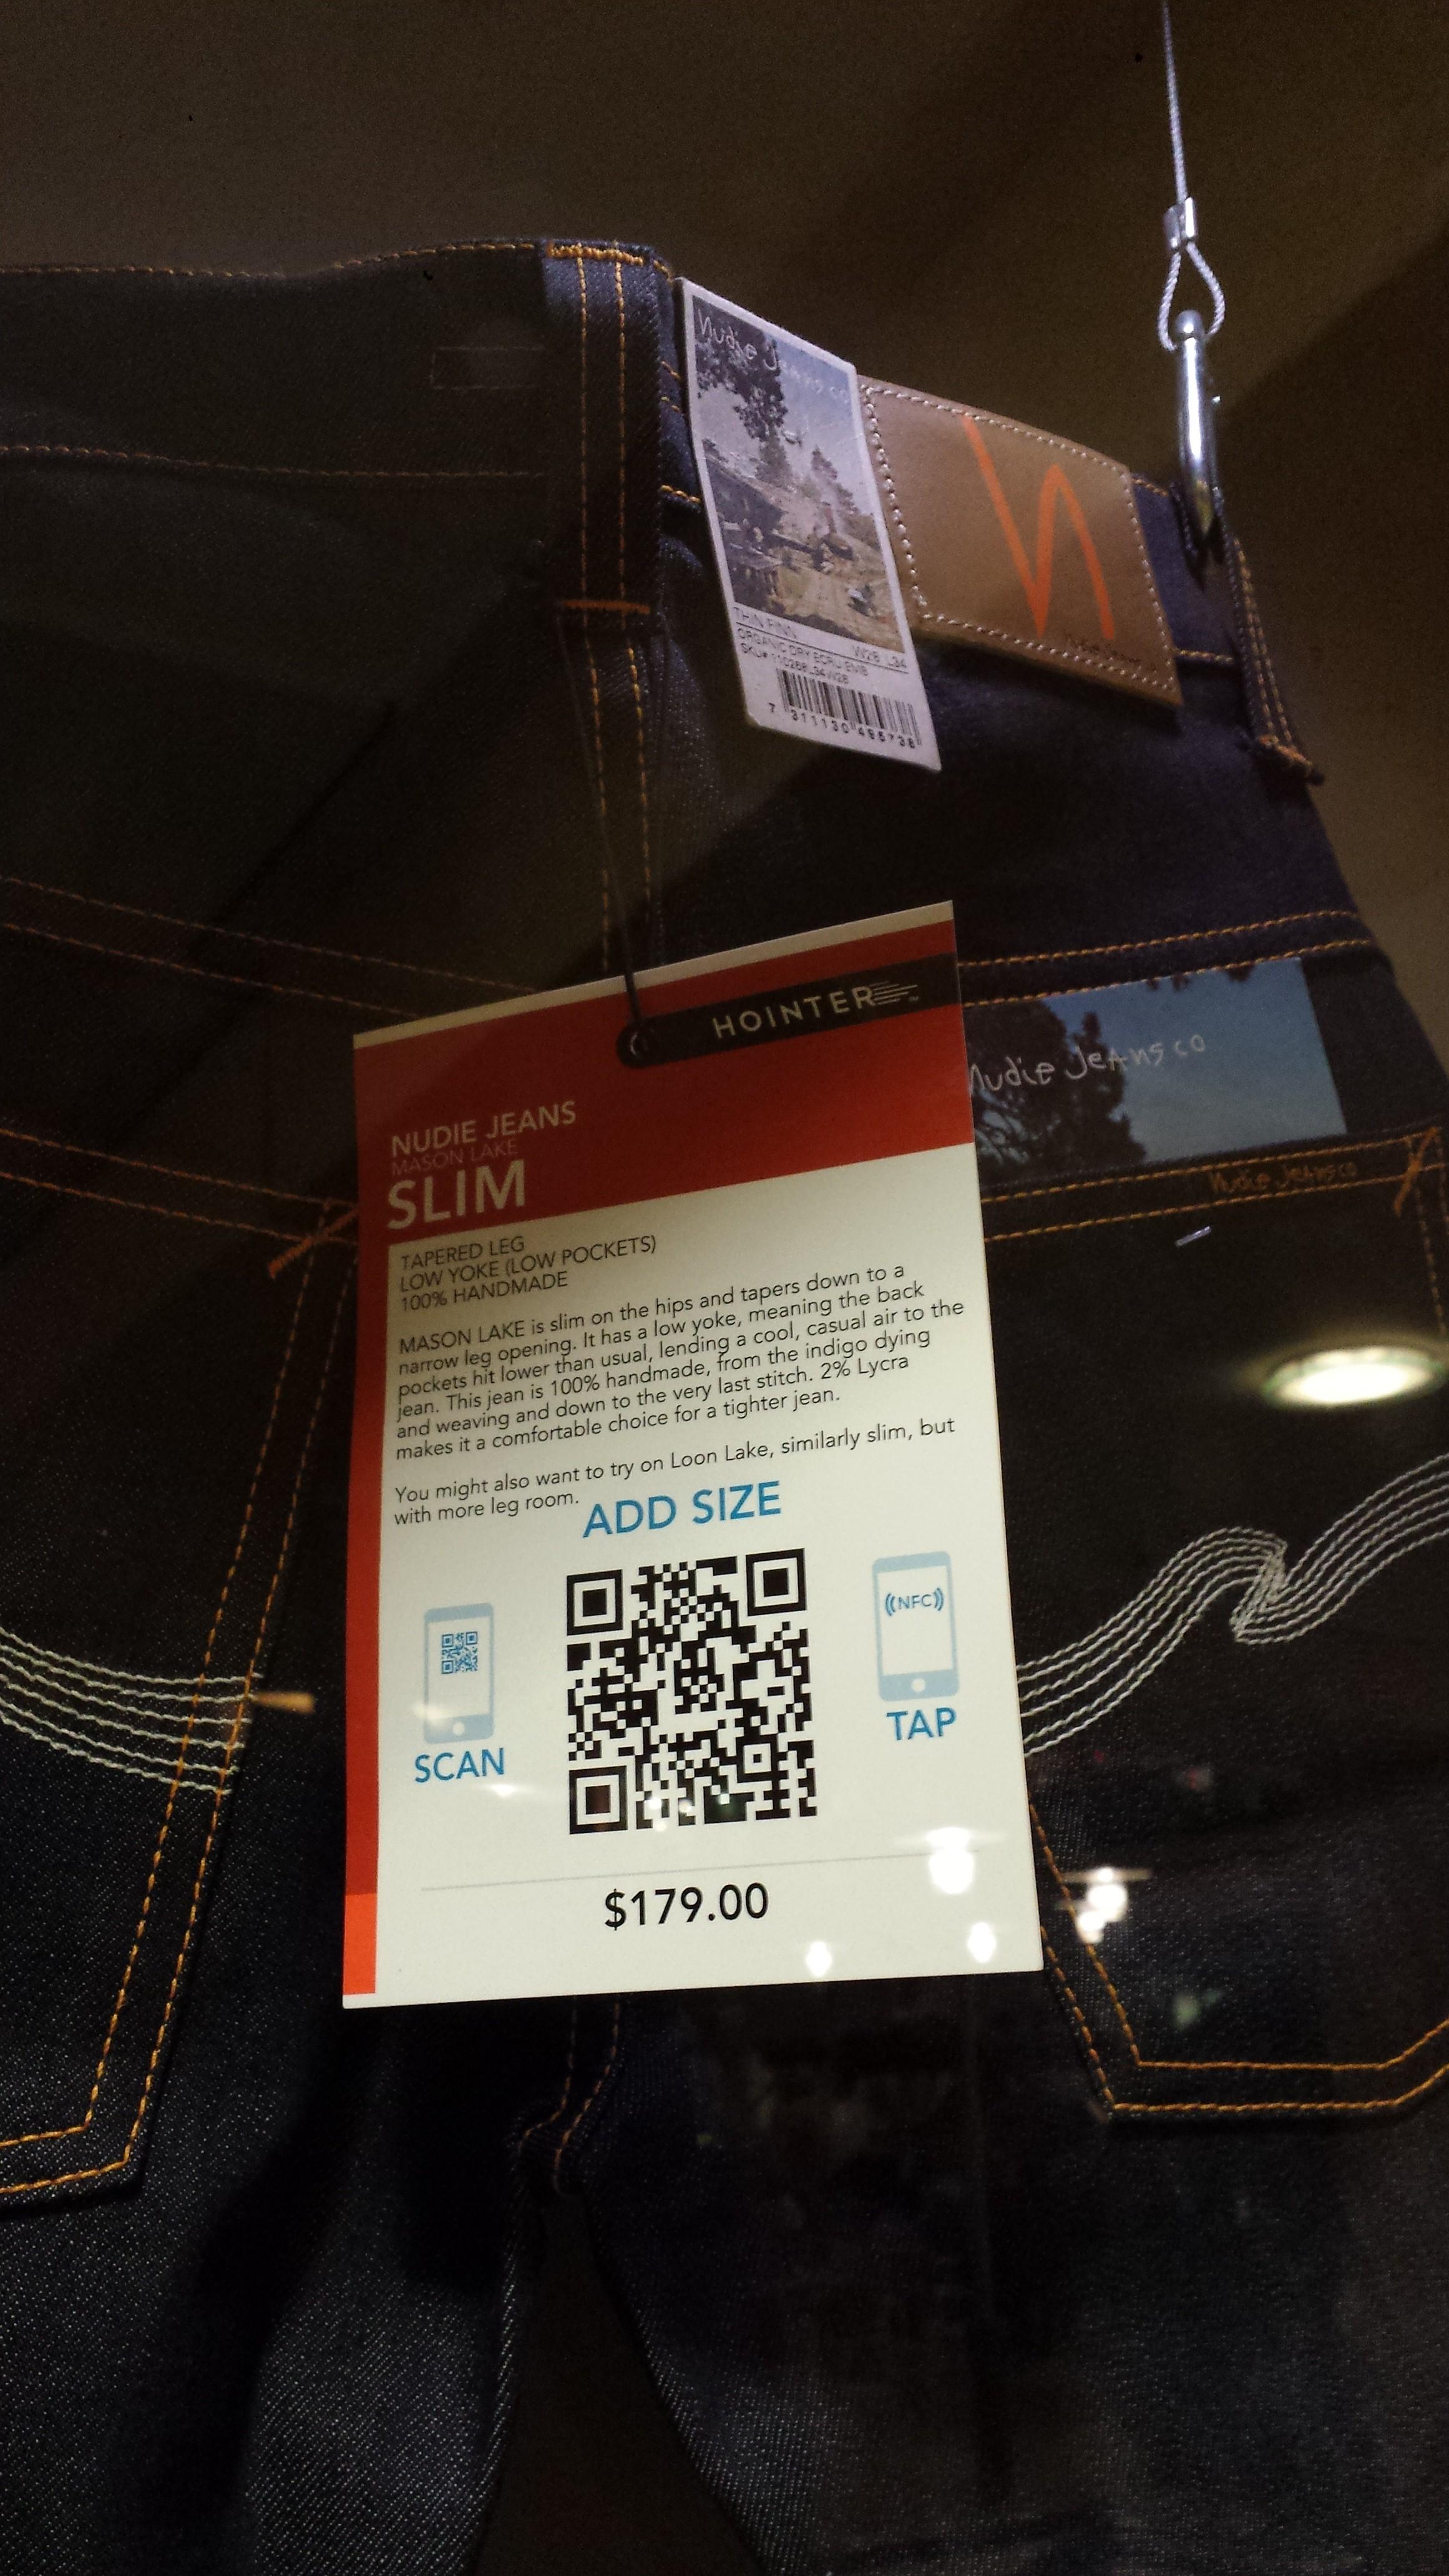 Etiqueta con código QR y NFC